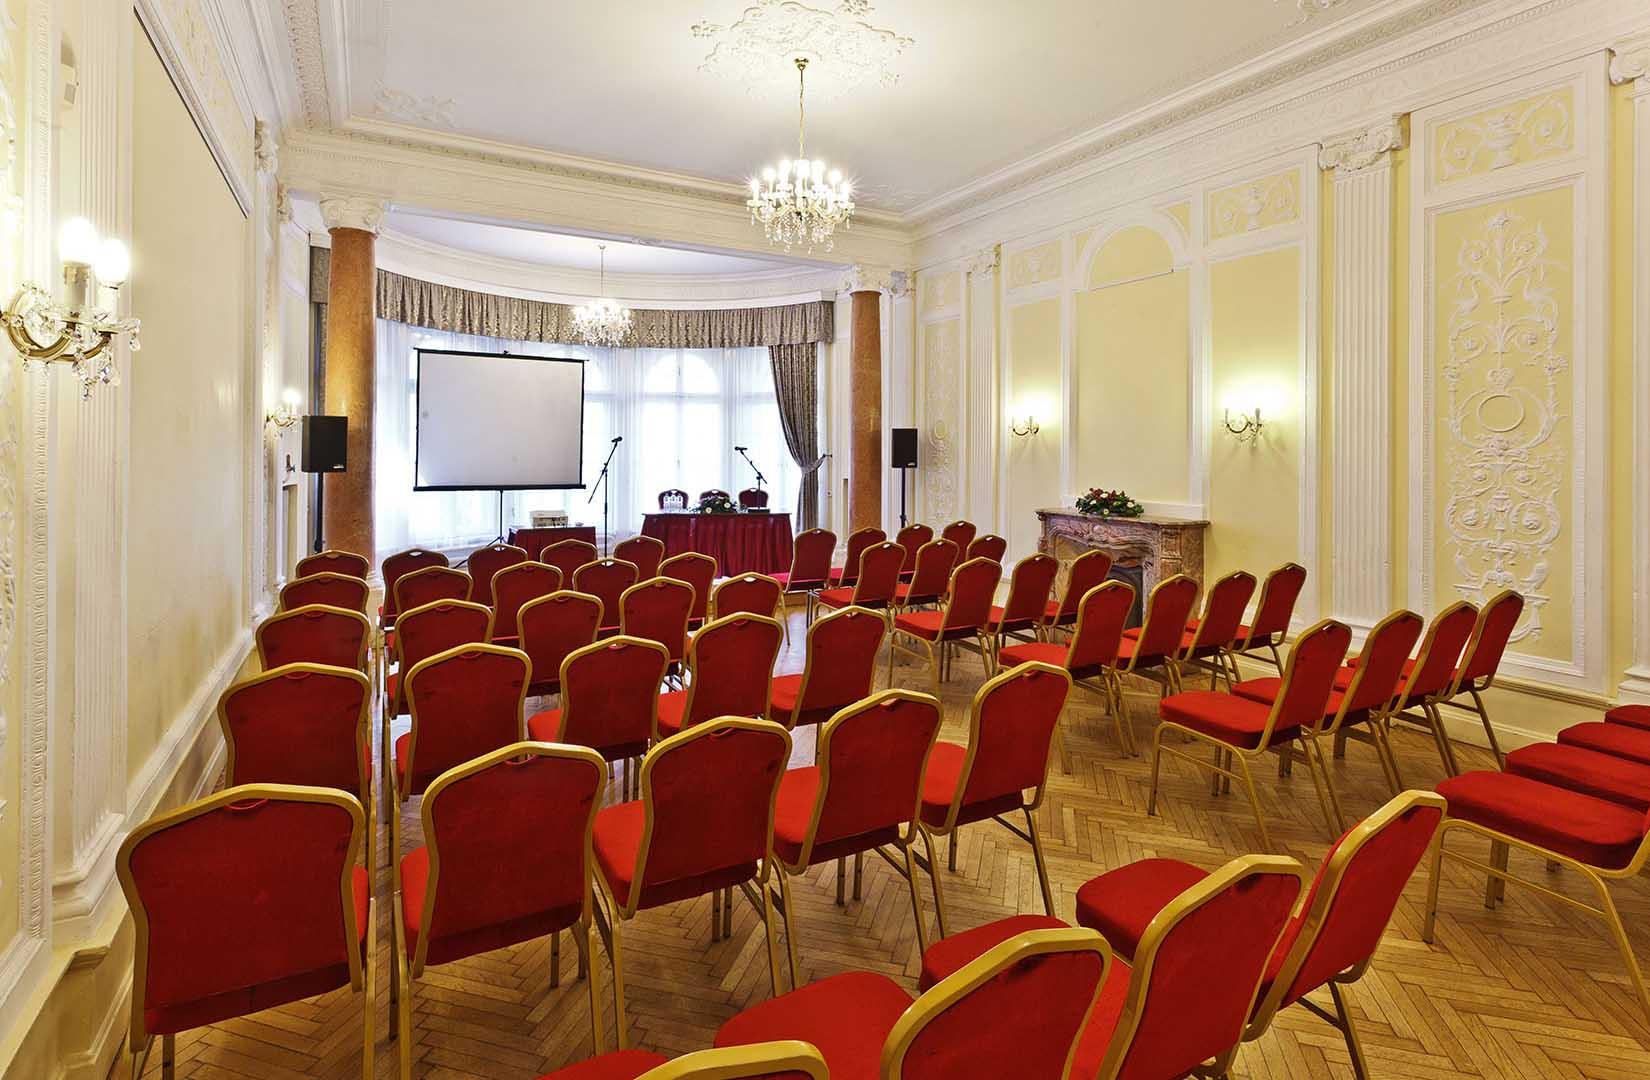 Konferencia az Ádám Villában